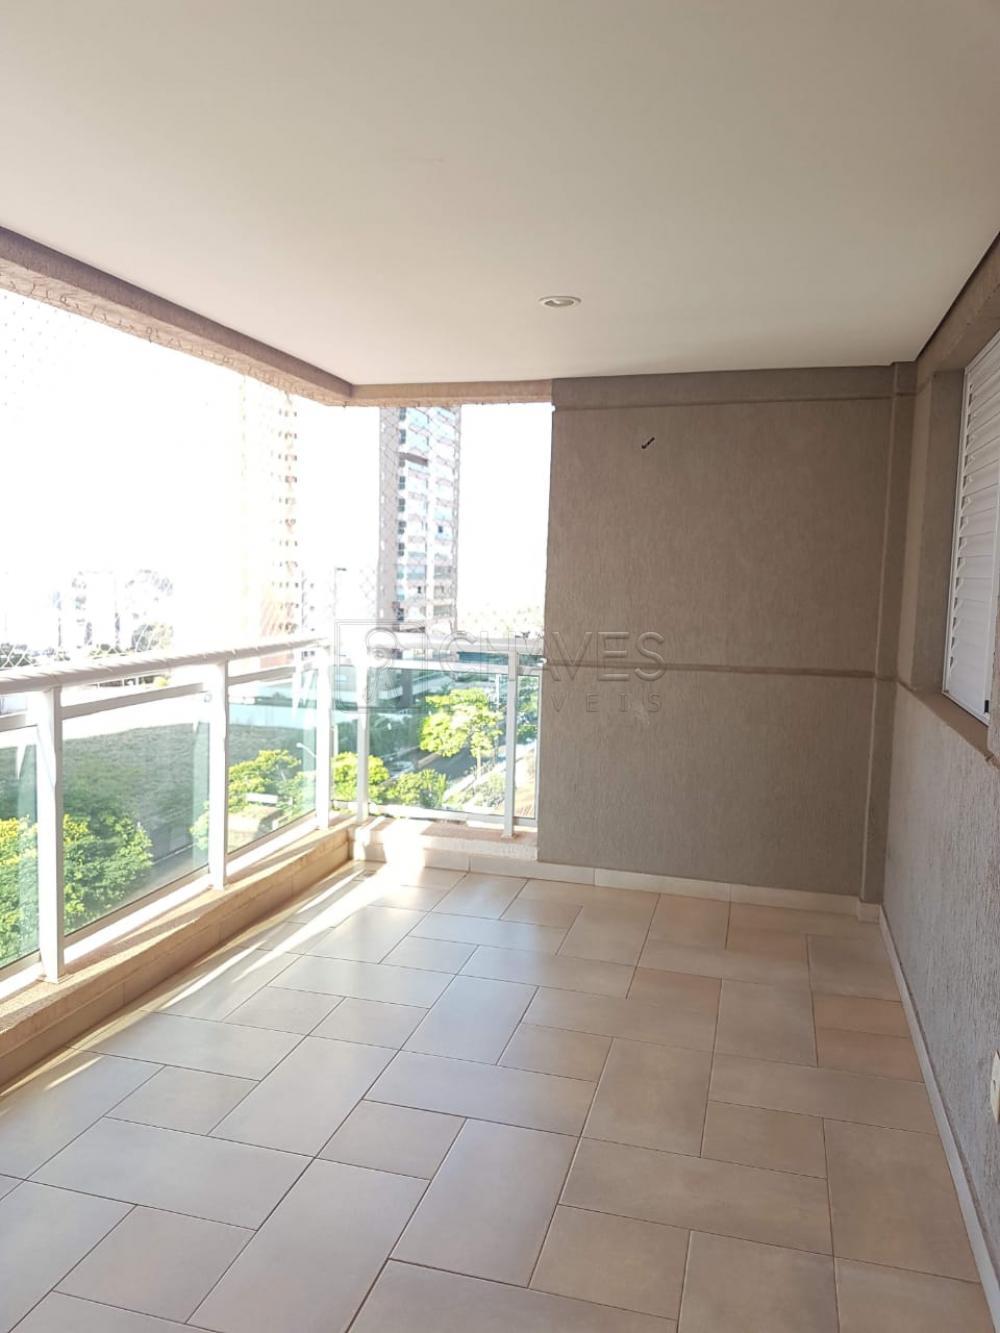 Alugar Apartamento / Padrão em Ribeirão Preto apenas R$ 2.700,00 - Foto 37